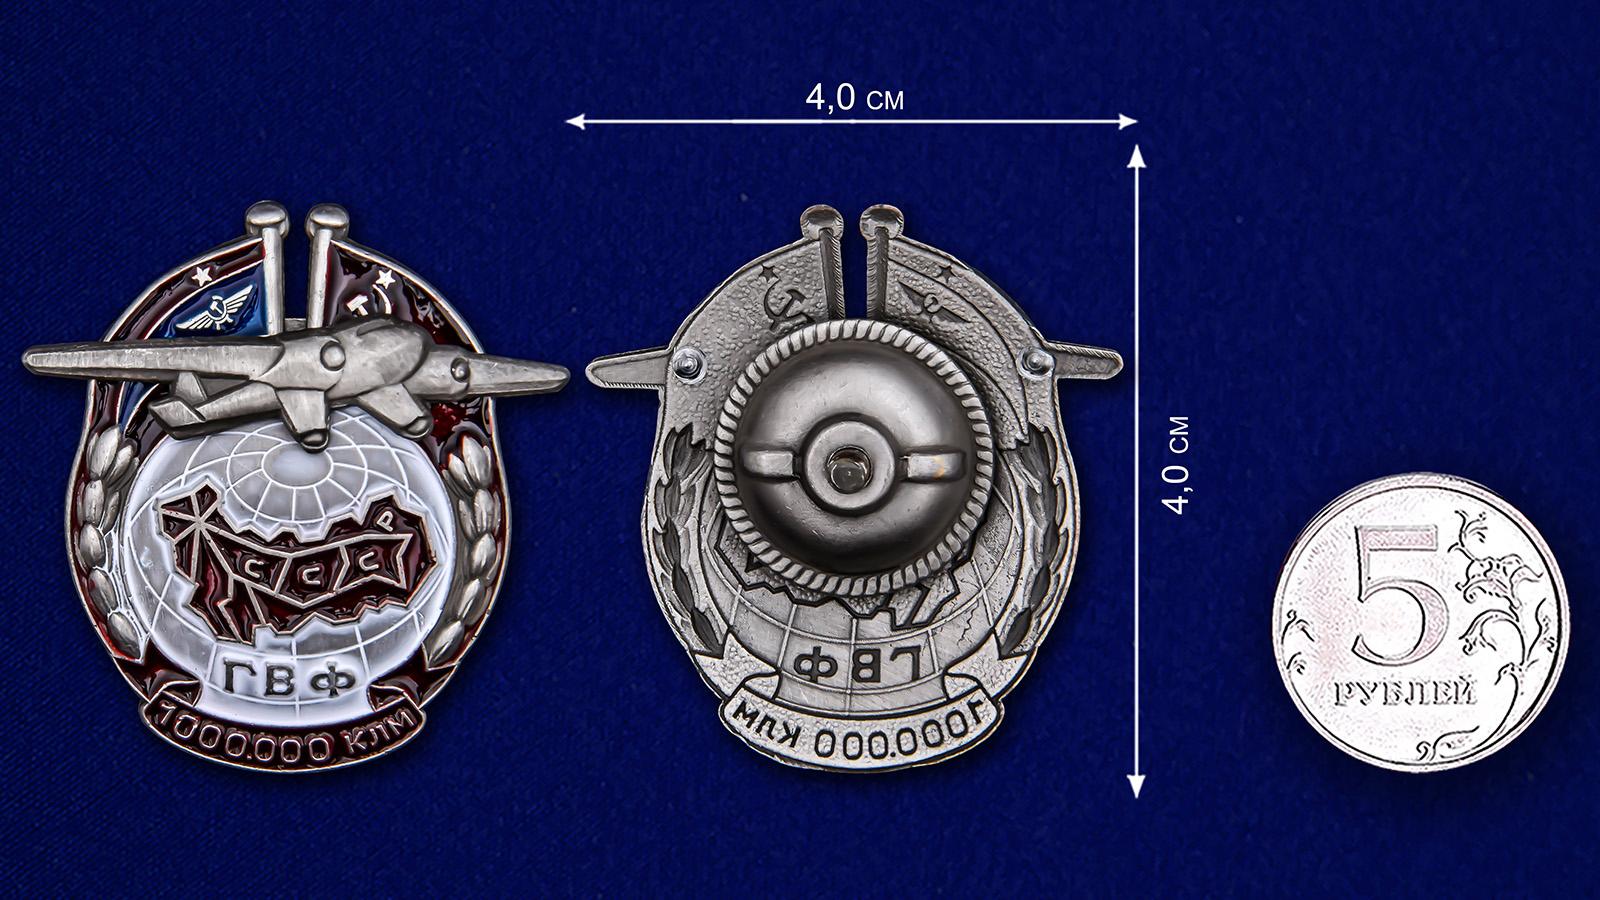 Знак ГВФ За налет 1 000 000 км - сравнительный размер